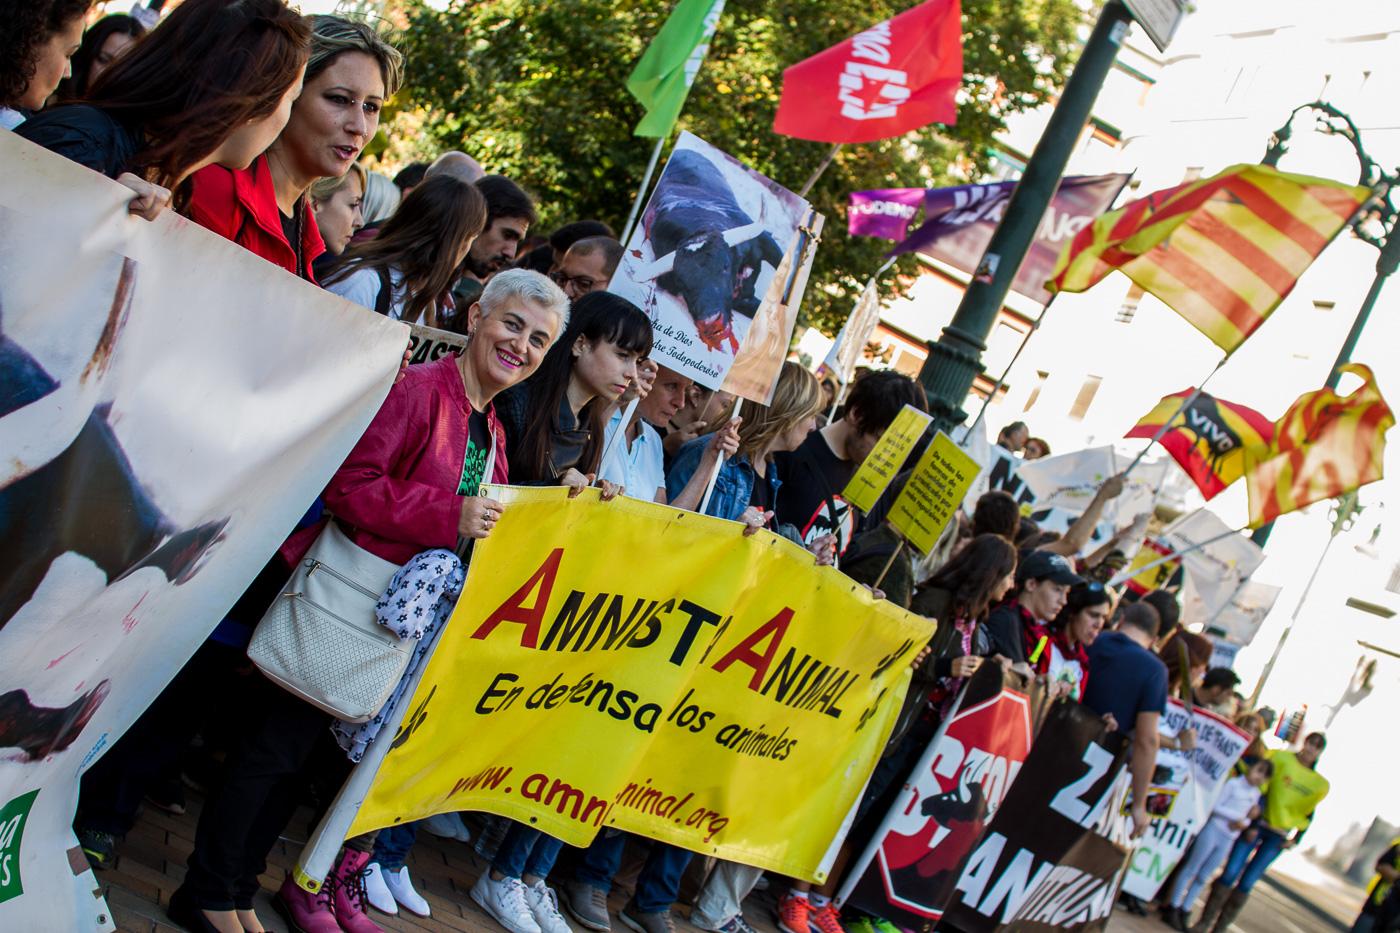 Fiestas del Pilar 2016 Zaragoza - Manifestación Antitaurina - AntiBullfight Zaragoza